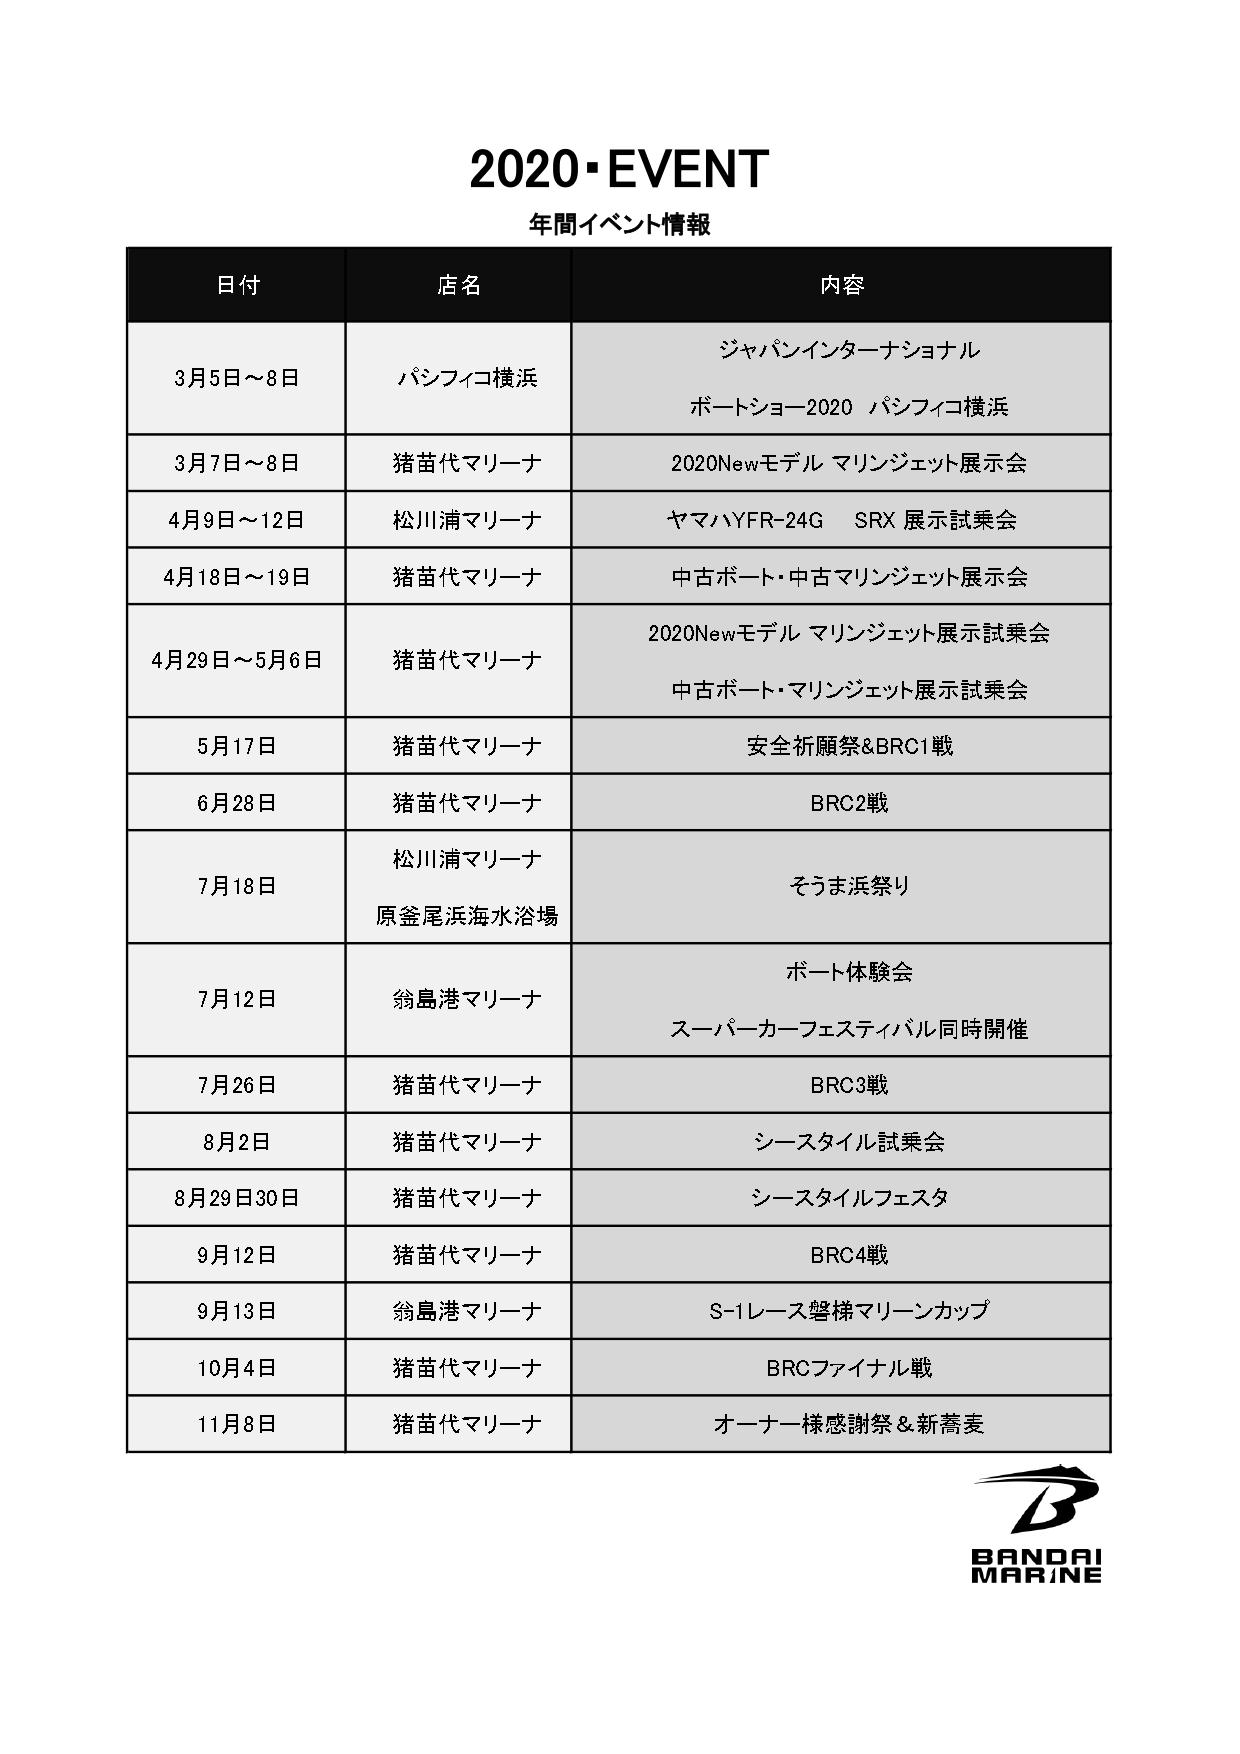 ☆磐梯マリーン2020年イベント情報☆